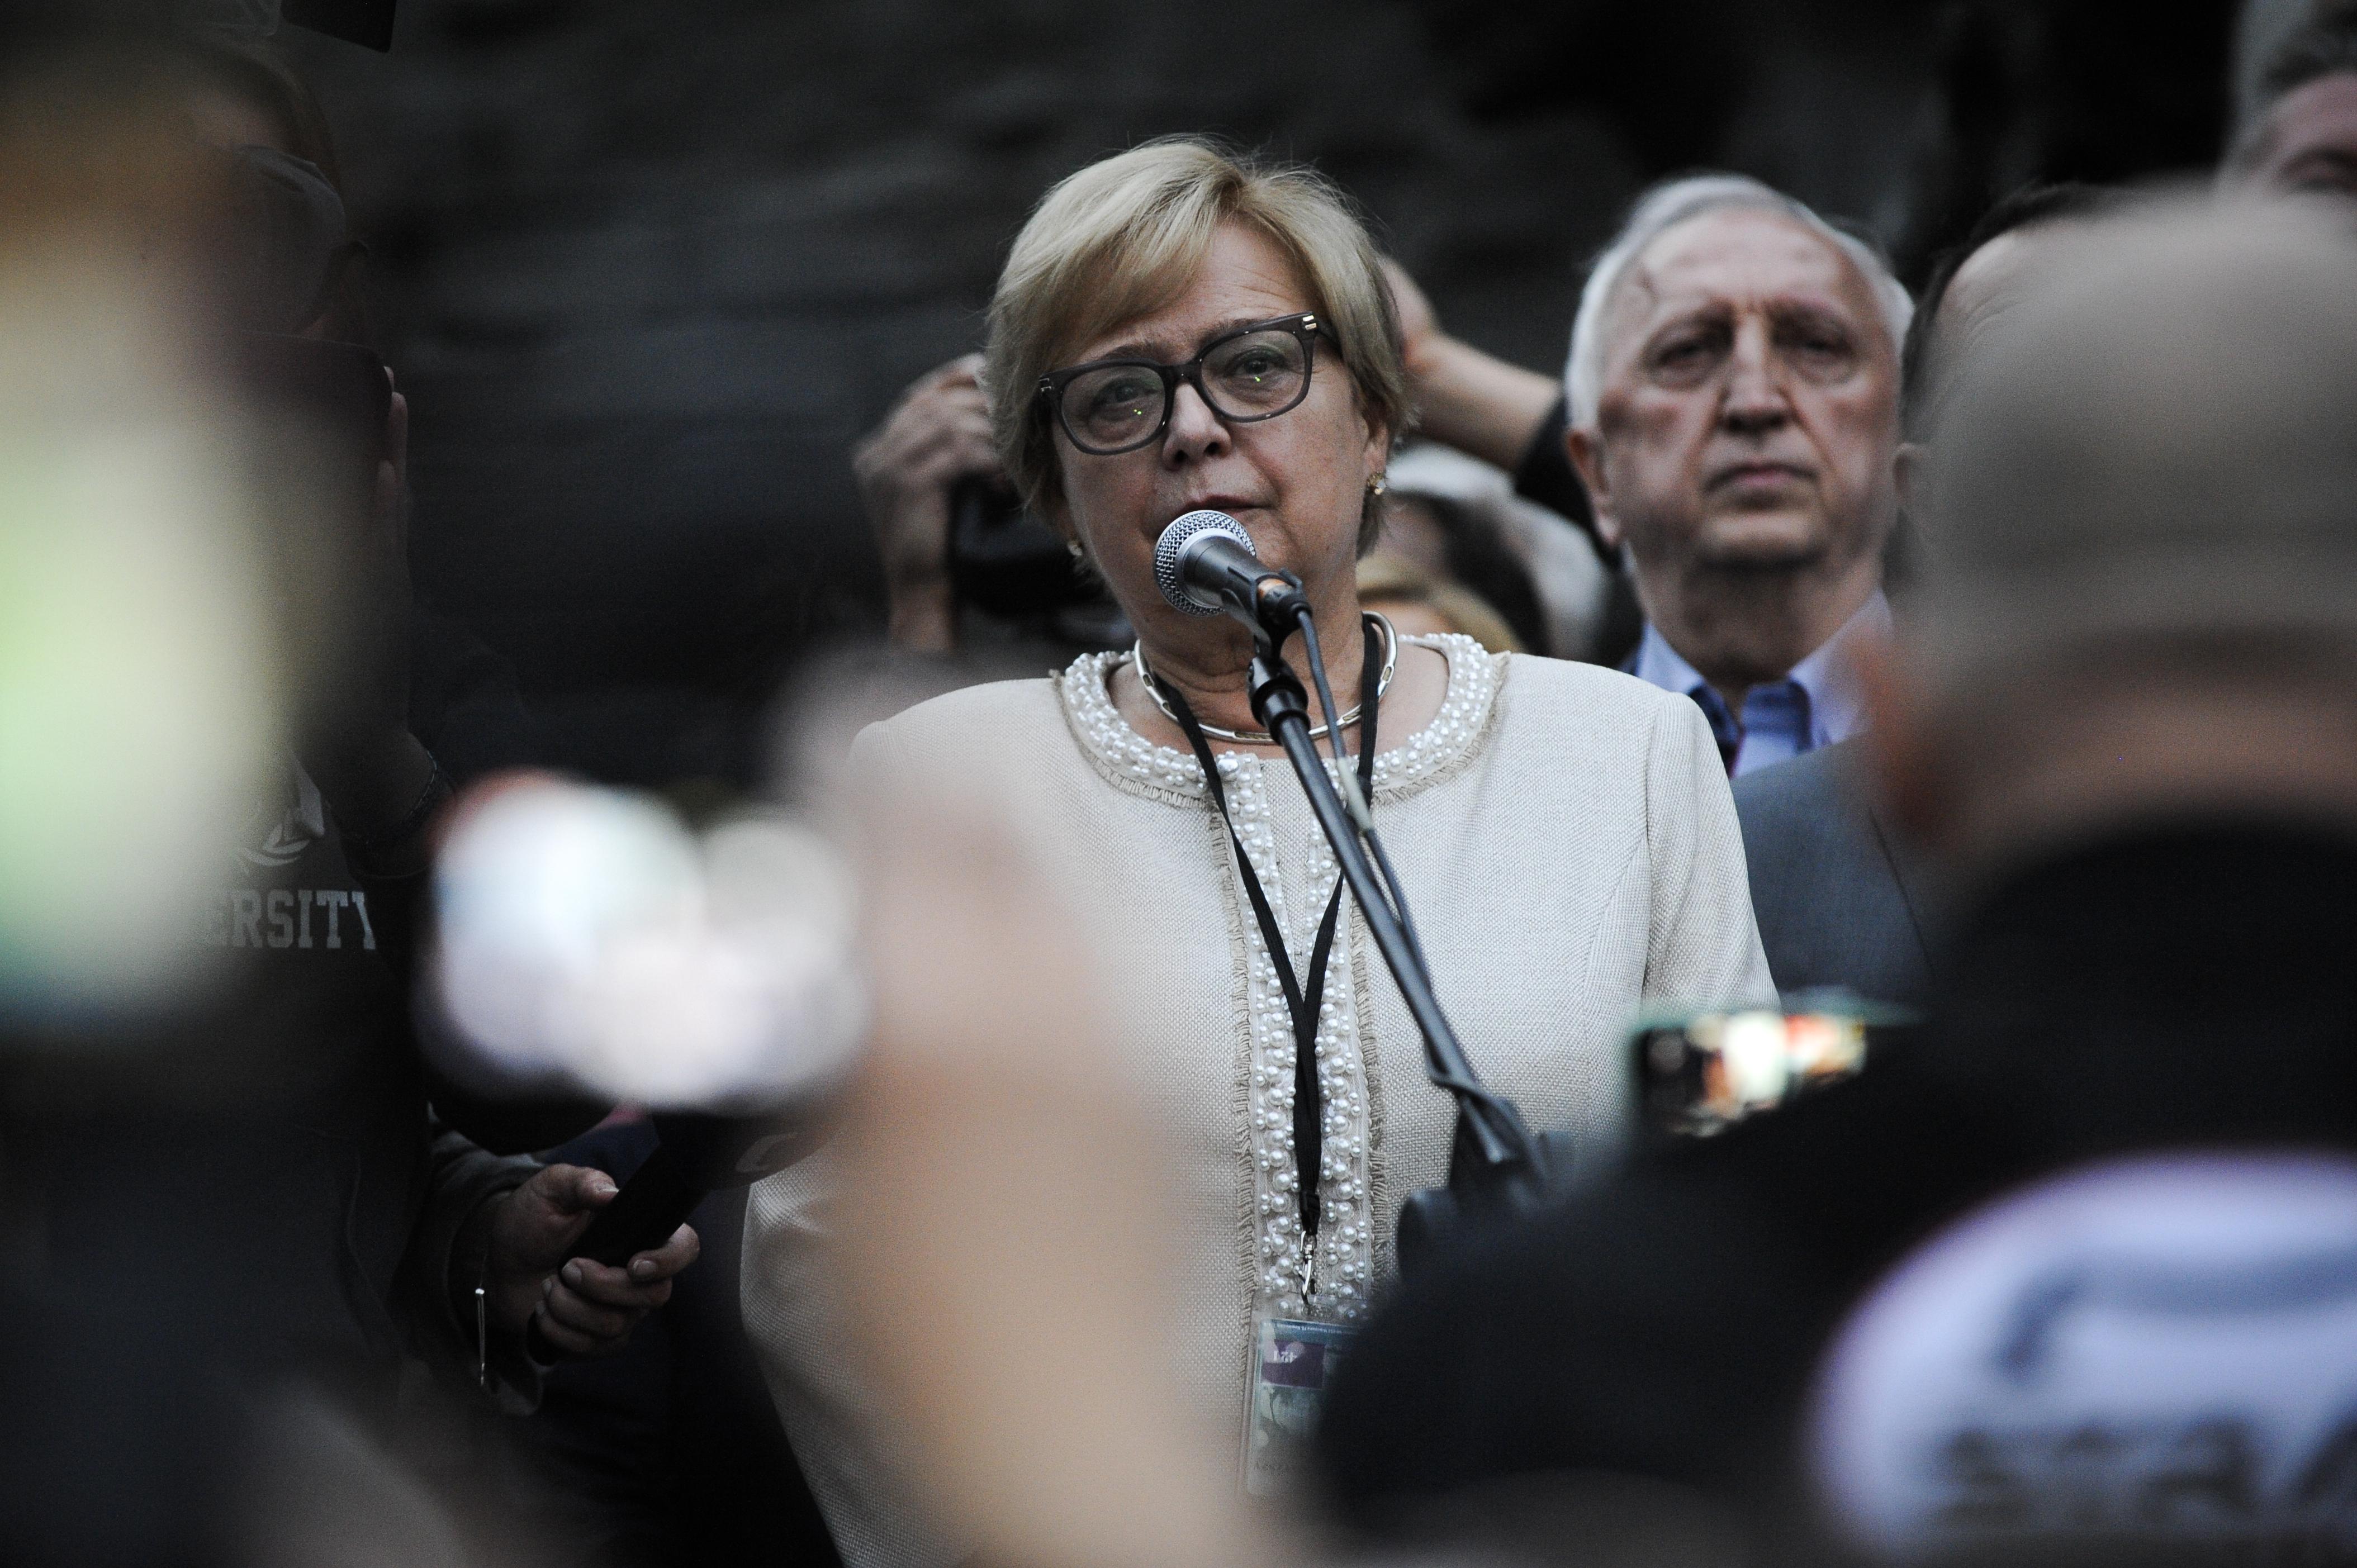 Az Európai Bíróság elrendelte a lengyel legfelsőbb bírósági törvény felfüggesztését